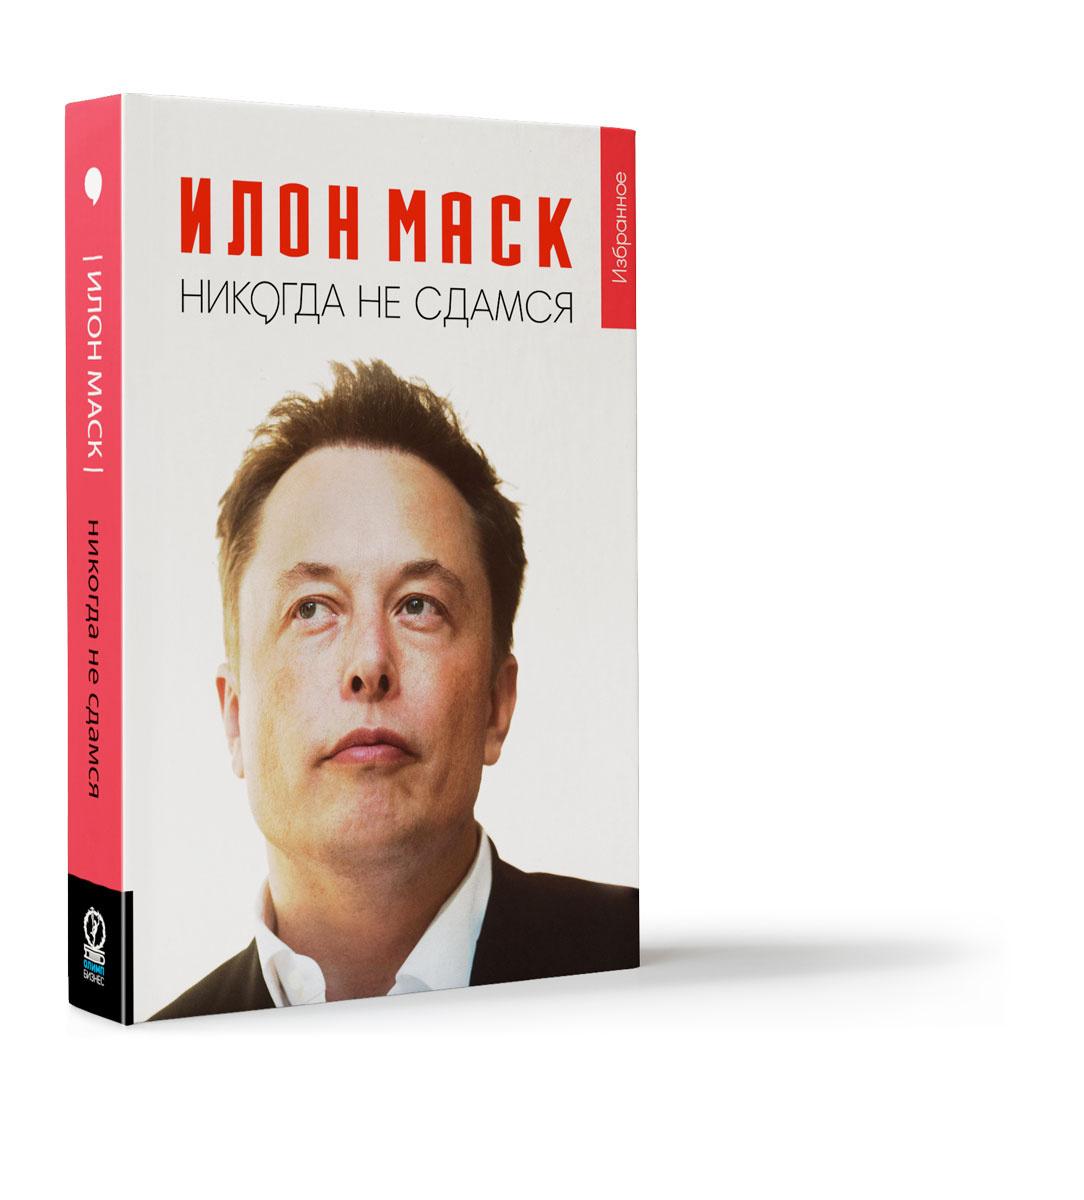 """Илон Маск. """"Никогда не сдамся"""" #1"""